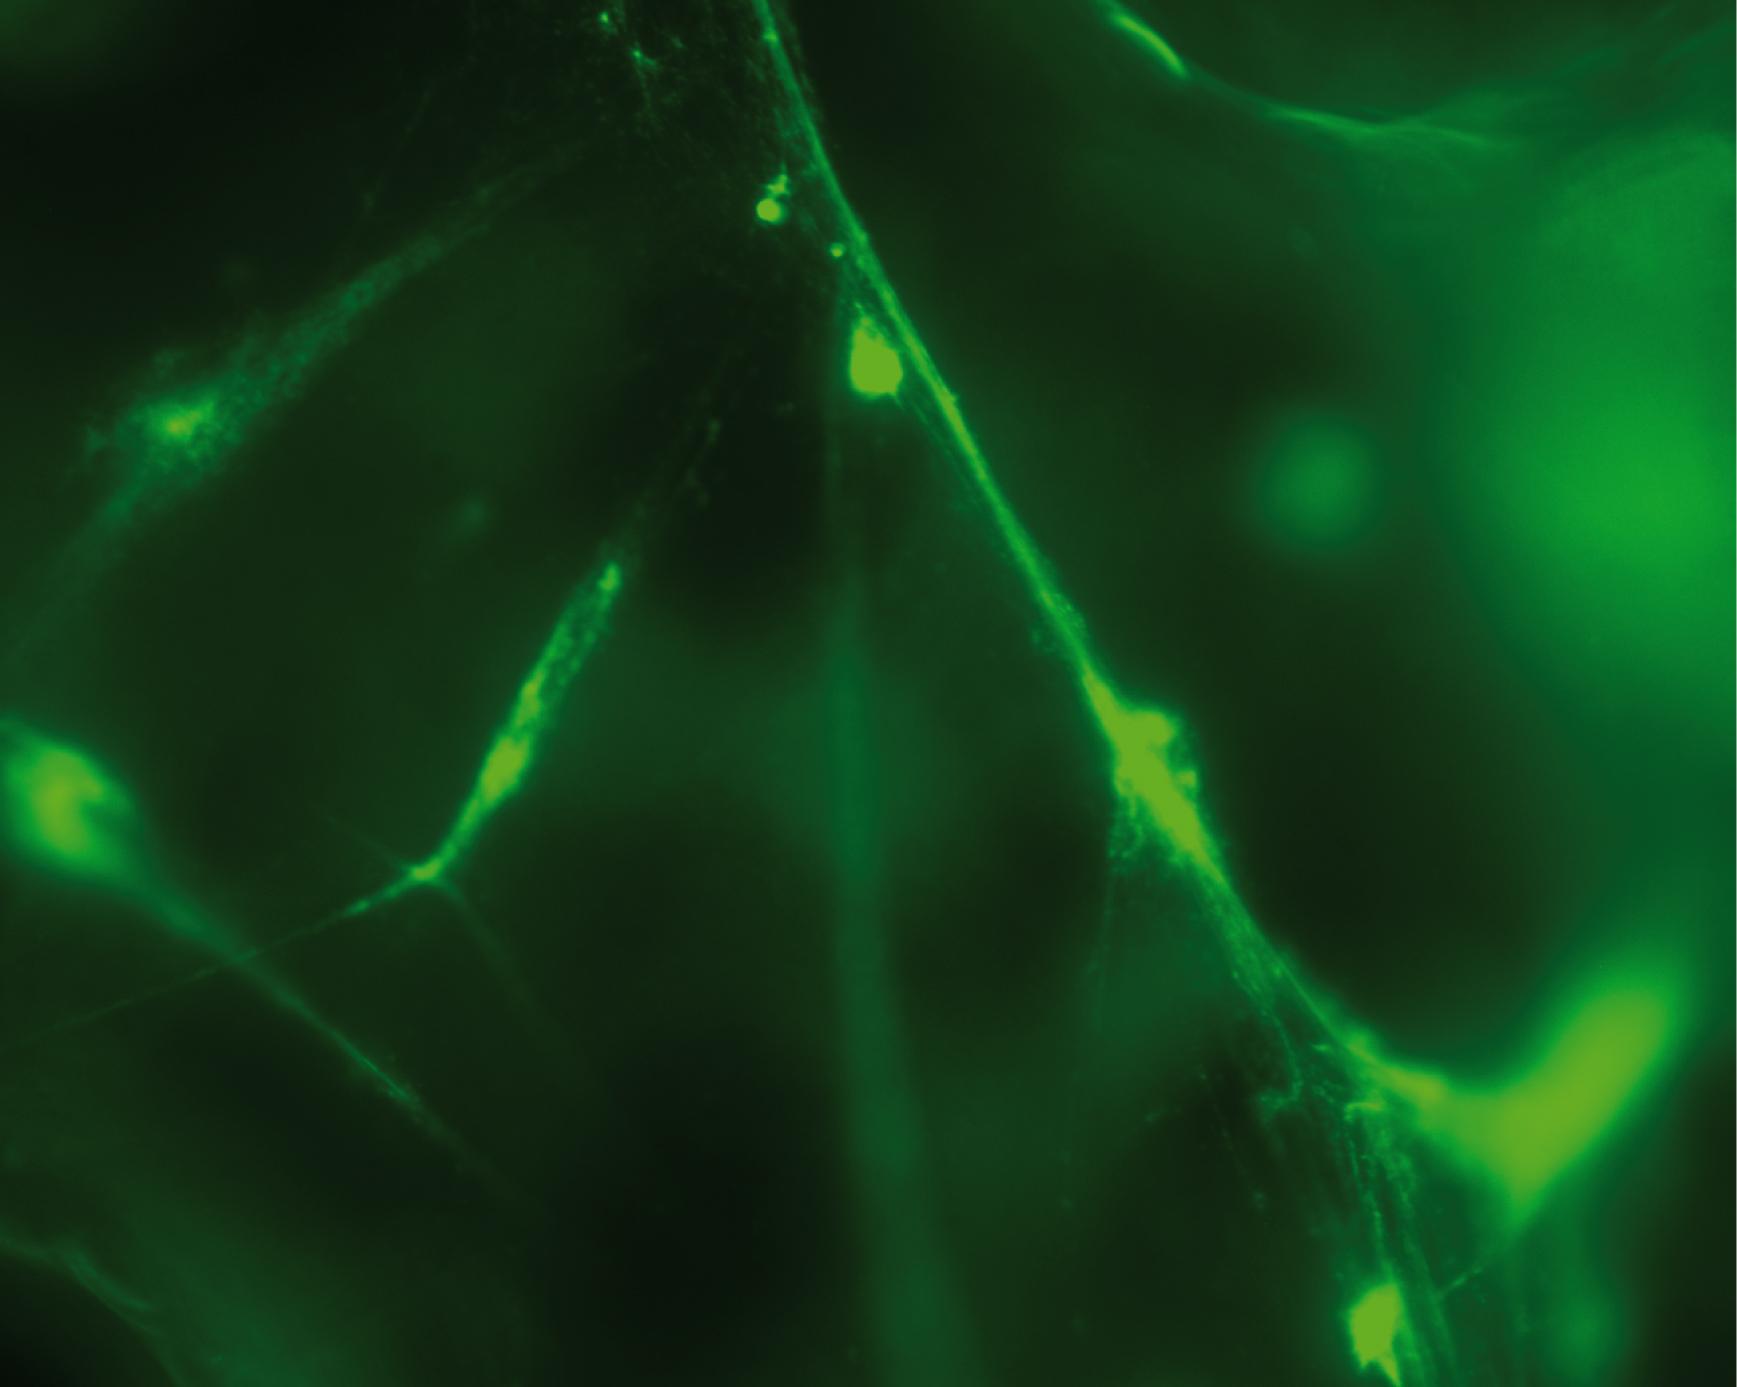 慢性淋巴细胞白血病B细胞遇CpG-C后分泌到培养基中的胞外DNA